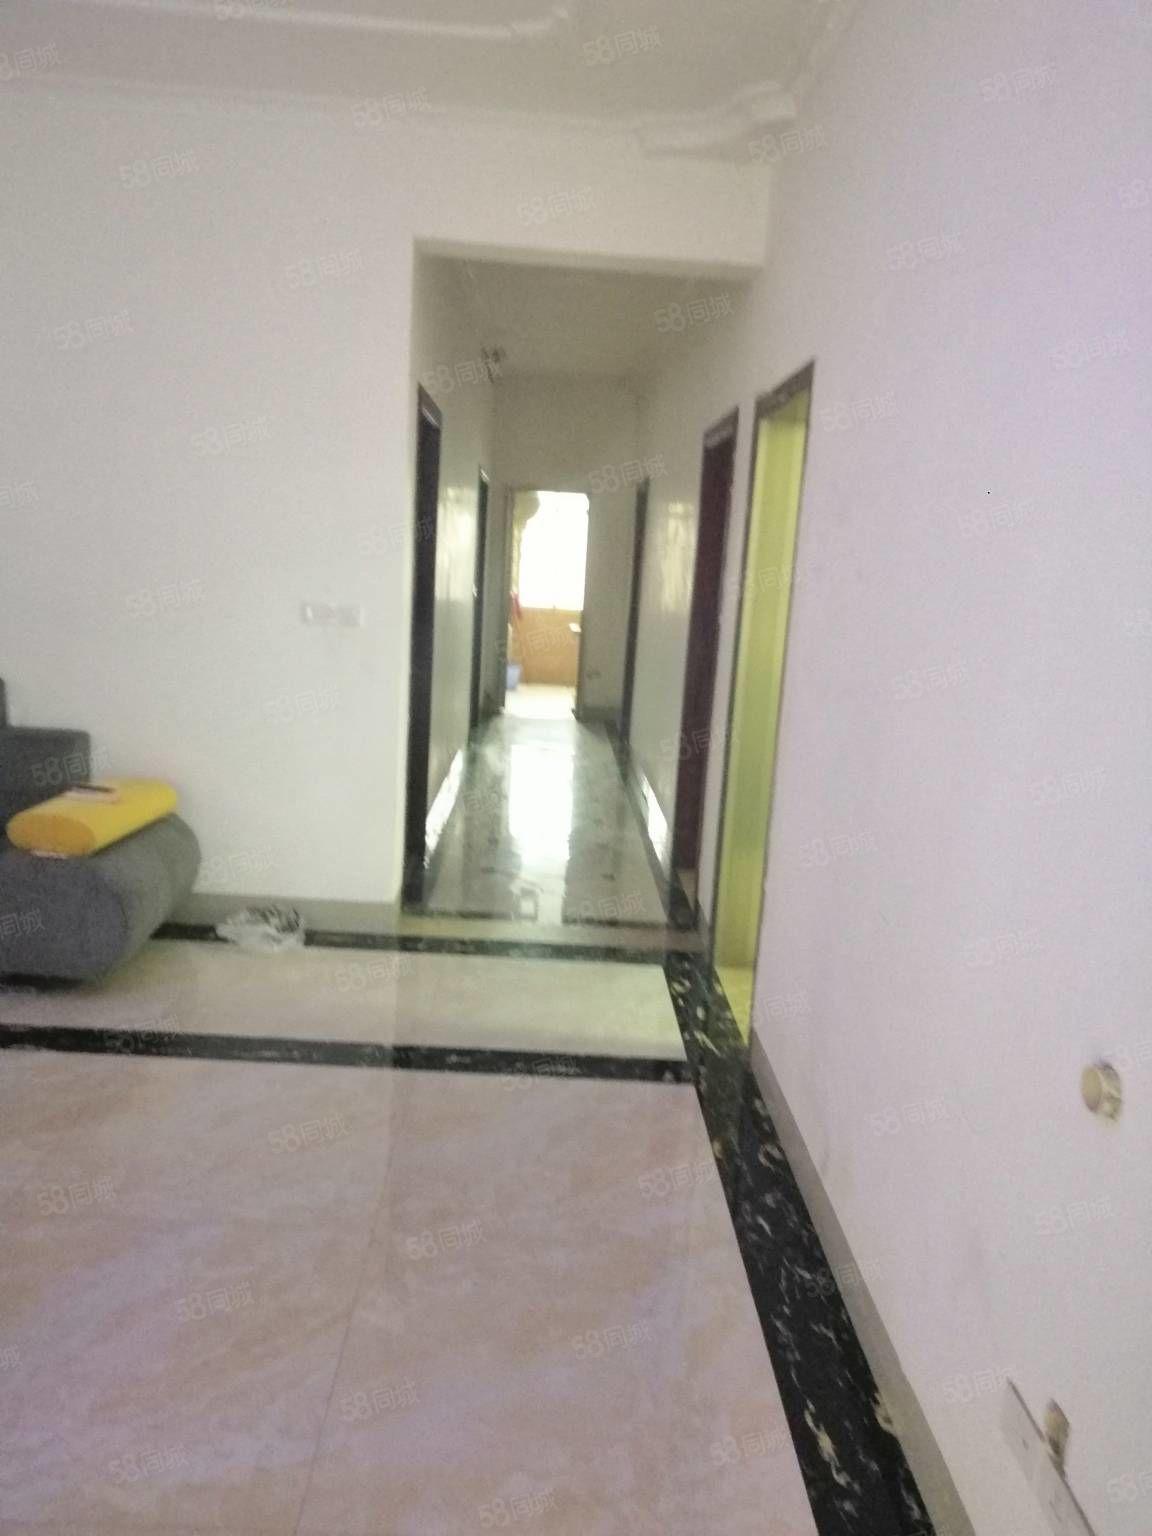 二桥民房4楼步梯4室1厅1卫1阳台新房没住的售价48.8万